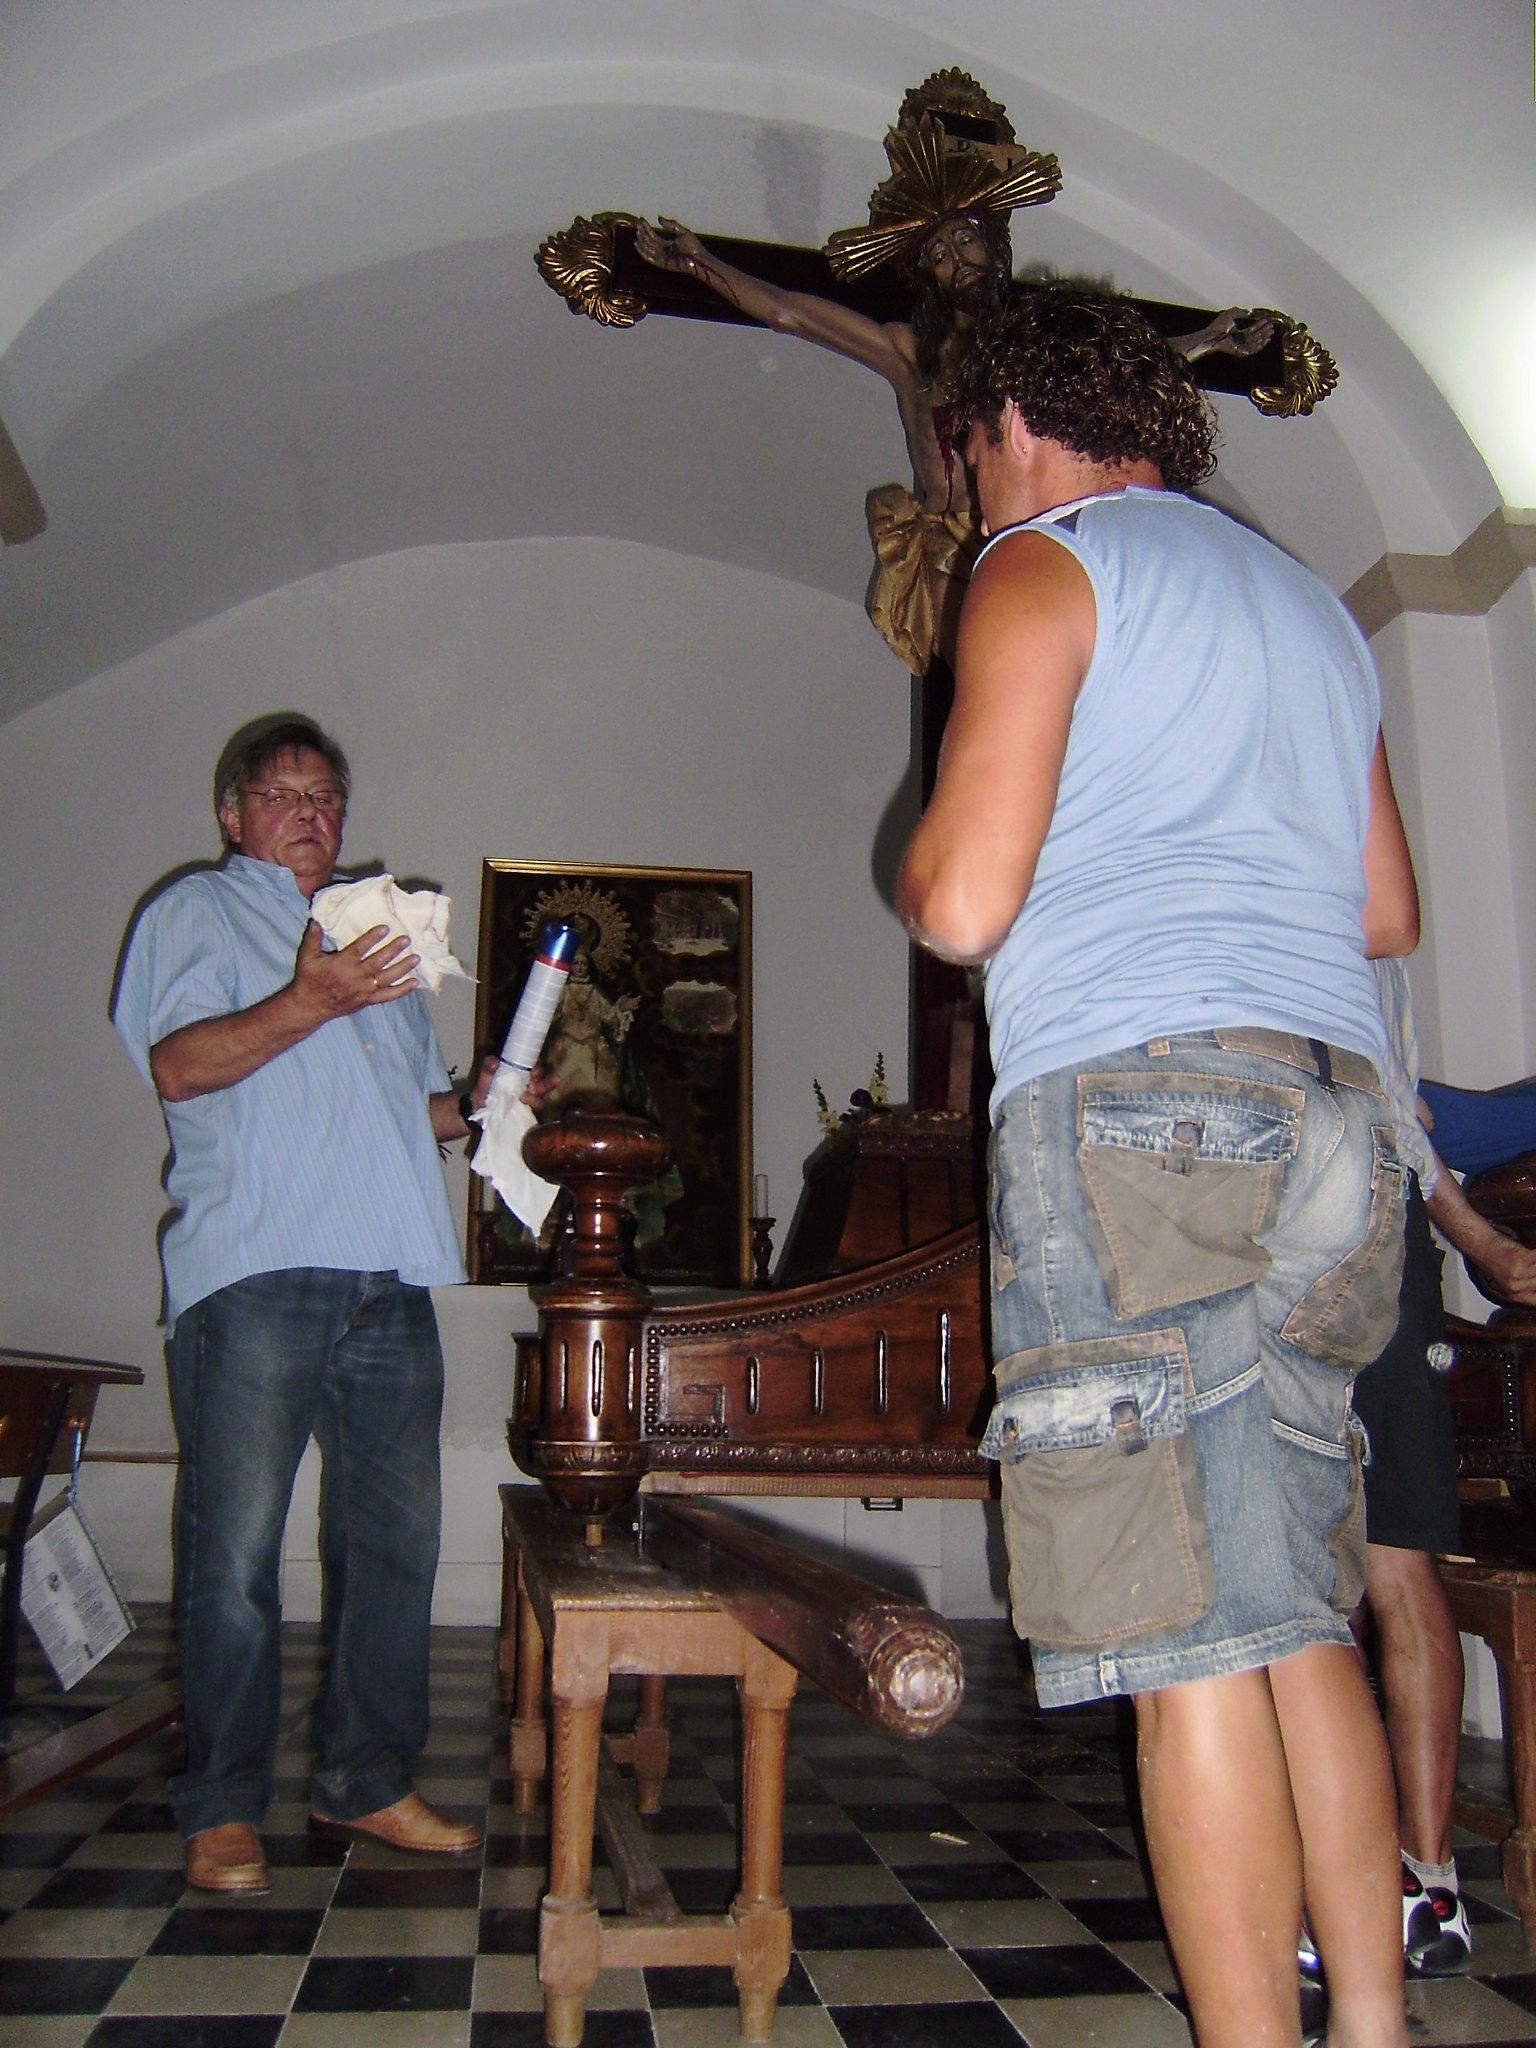 (2009-06-04) - Preparativos - Javier Romero Ripoll - (06)